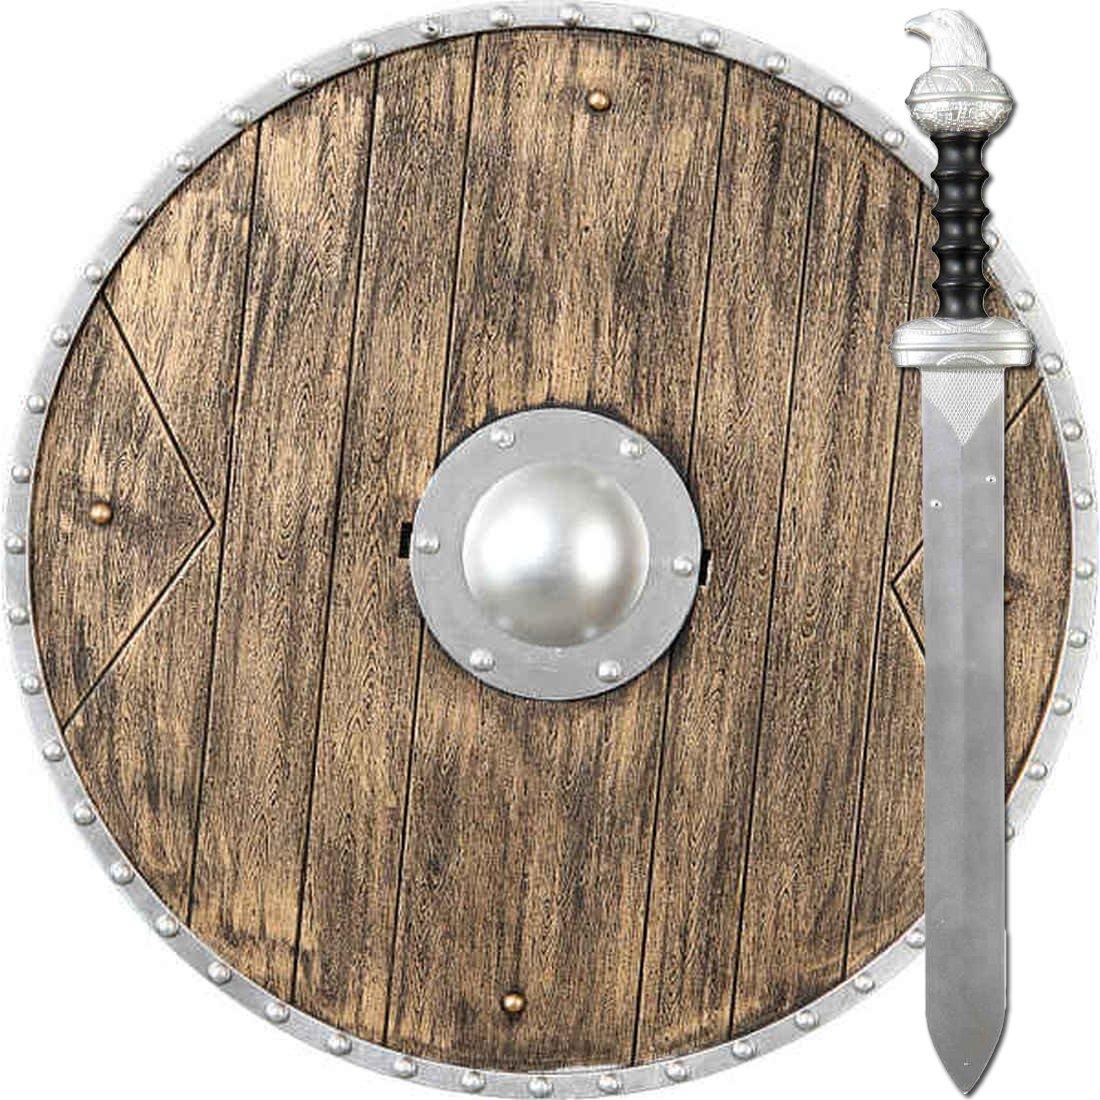 Jeu d'armes jouet | Bouclier viking et épée | Accessoire costume normand | Armure viking Amakando